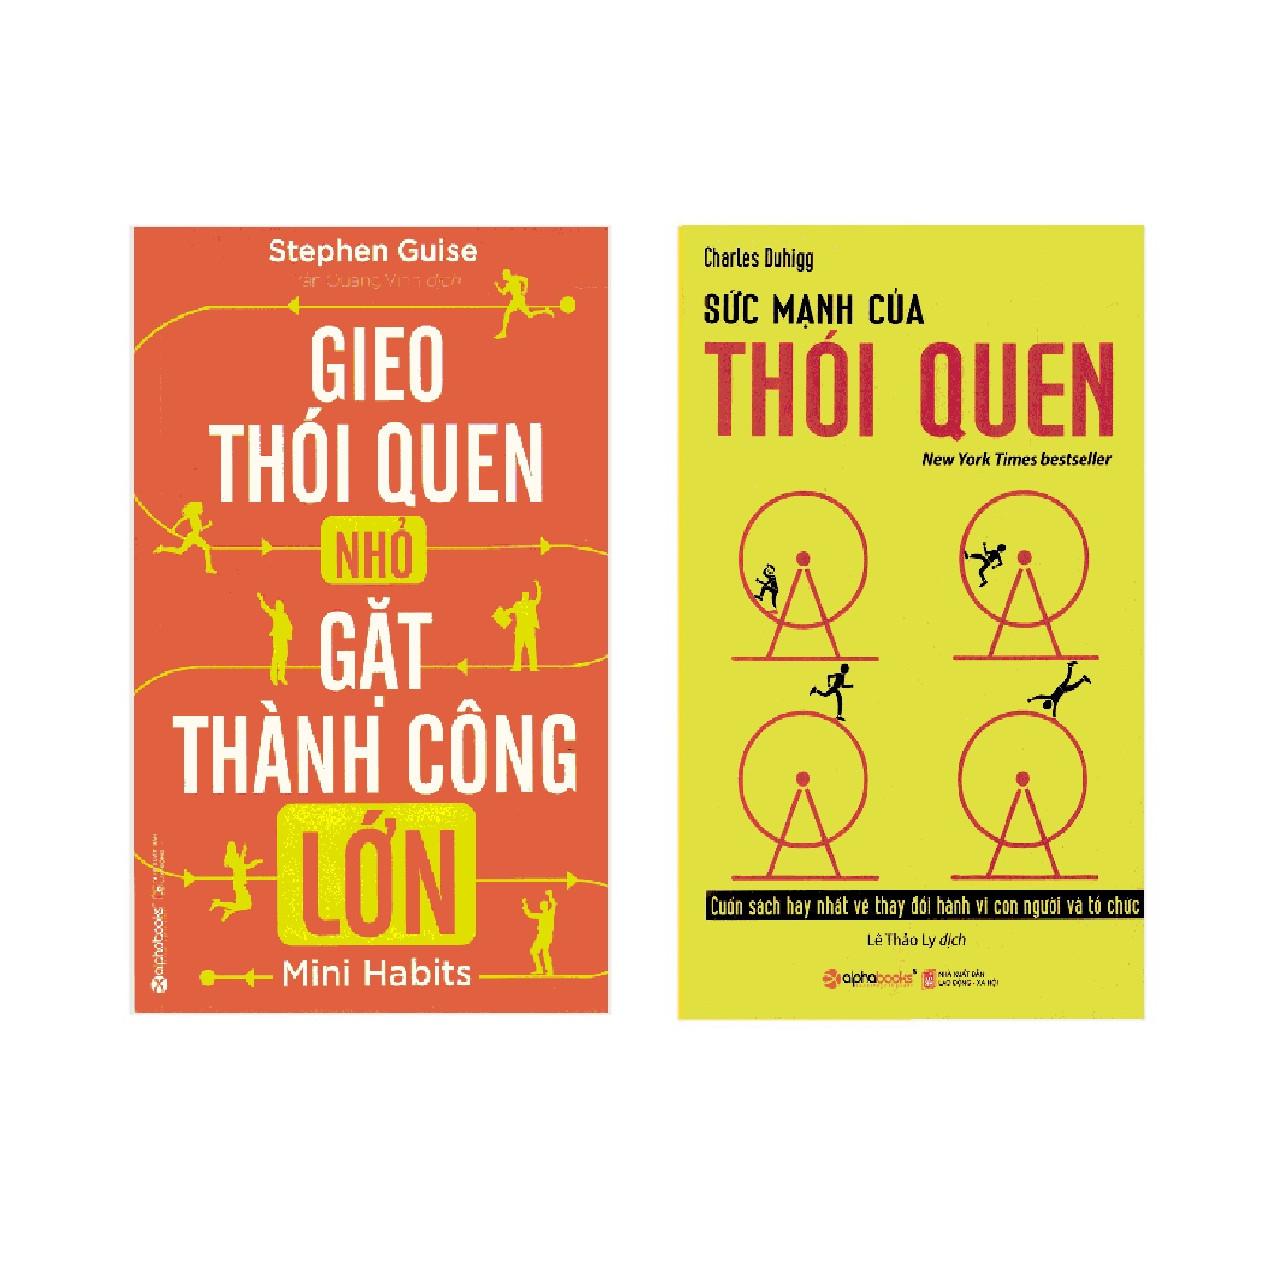 Bộ Sách Lập Thói Quen Để Thành Công ( Sức Mạnh Của Thói Quen + Gieo Thói Quen Nhỏ, Gặt Thành Công Lớn ) tặng kèm bookmark Sáng Tạo